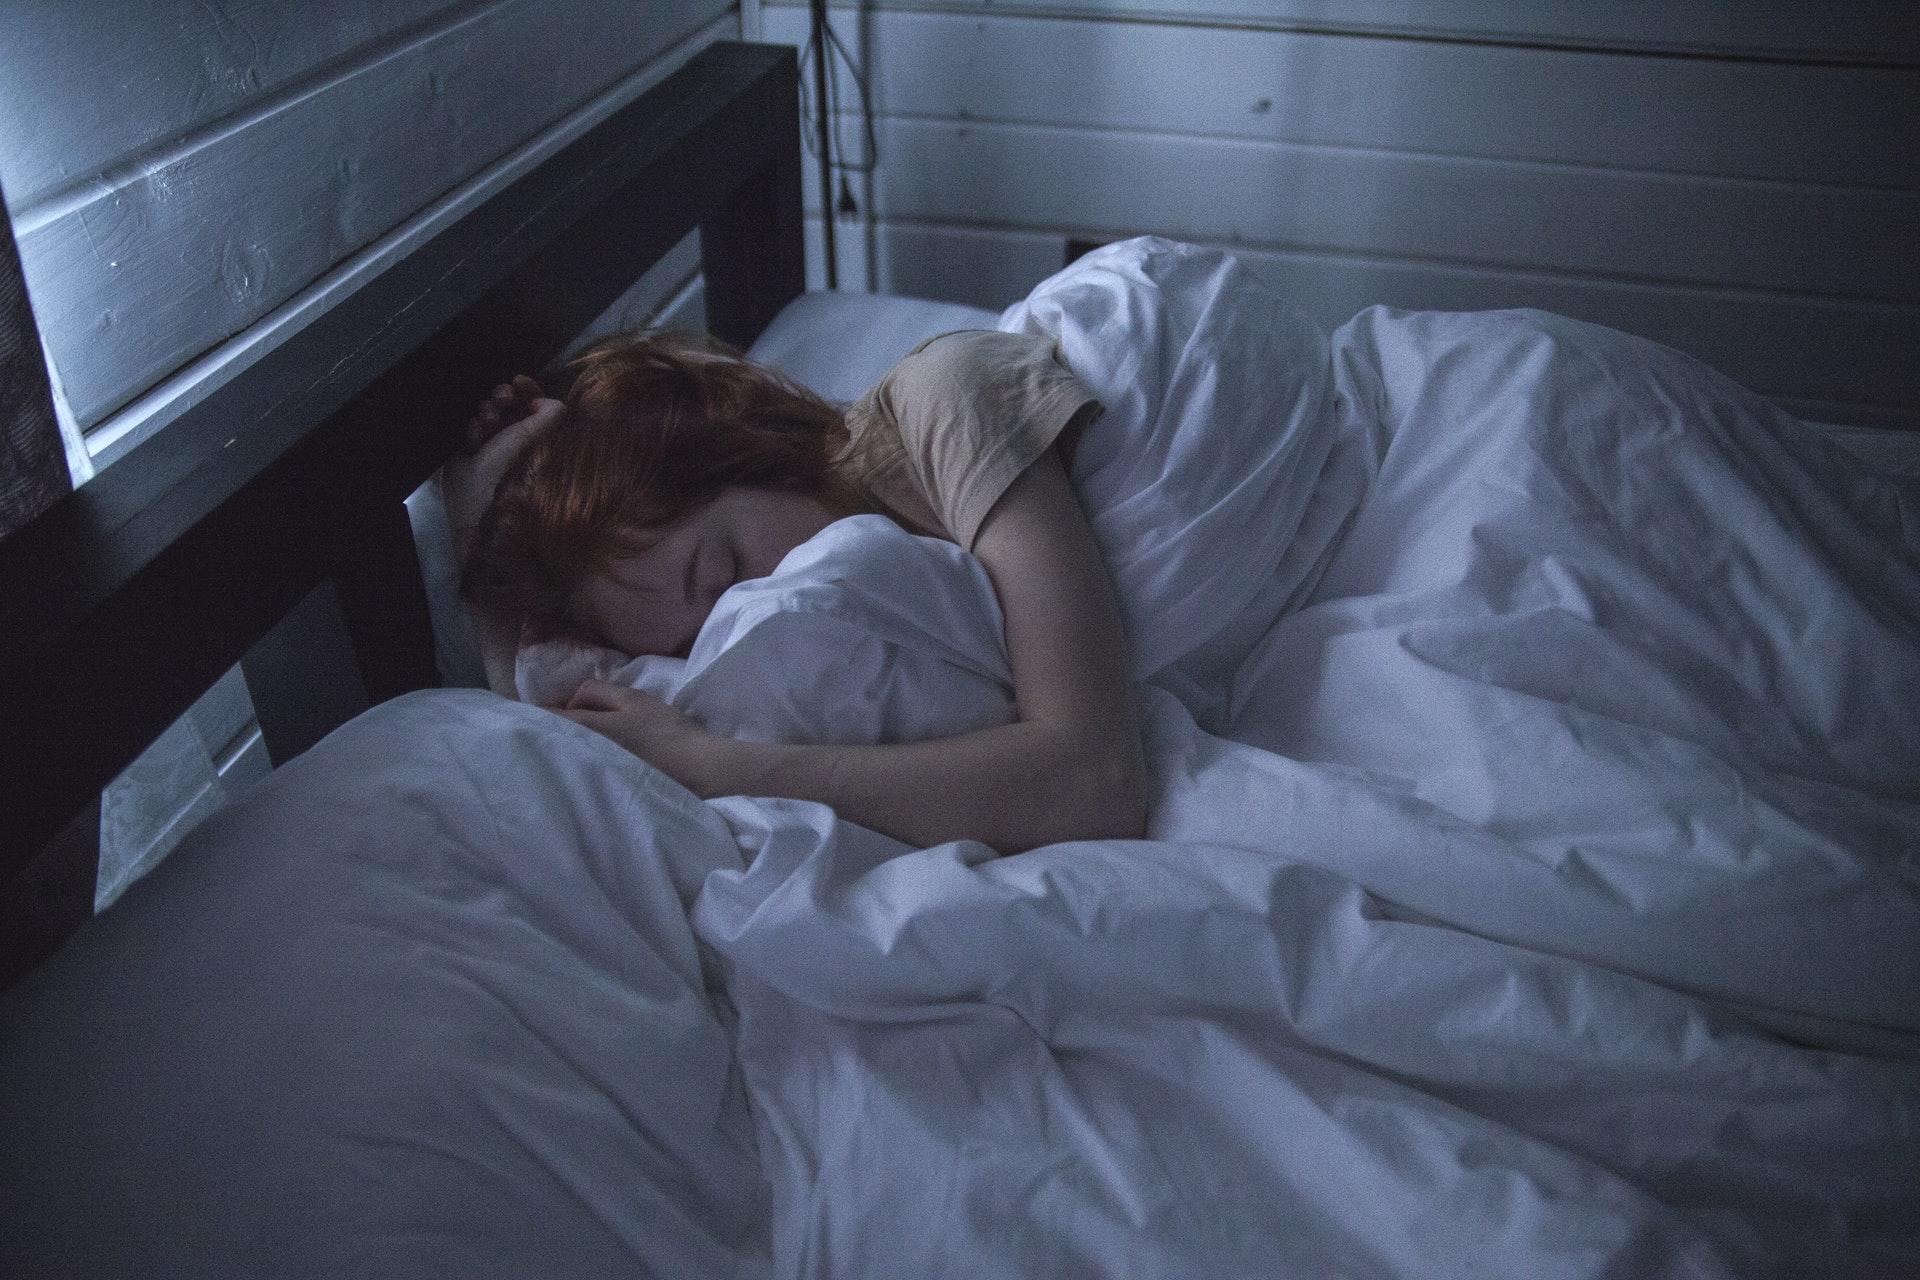 Πρόγραμμα ύπνου: 10 καλές συνήθειες που πρέπει να αποκτήσετε